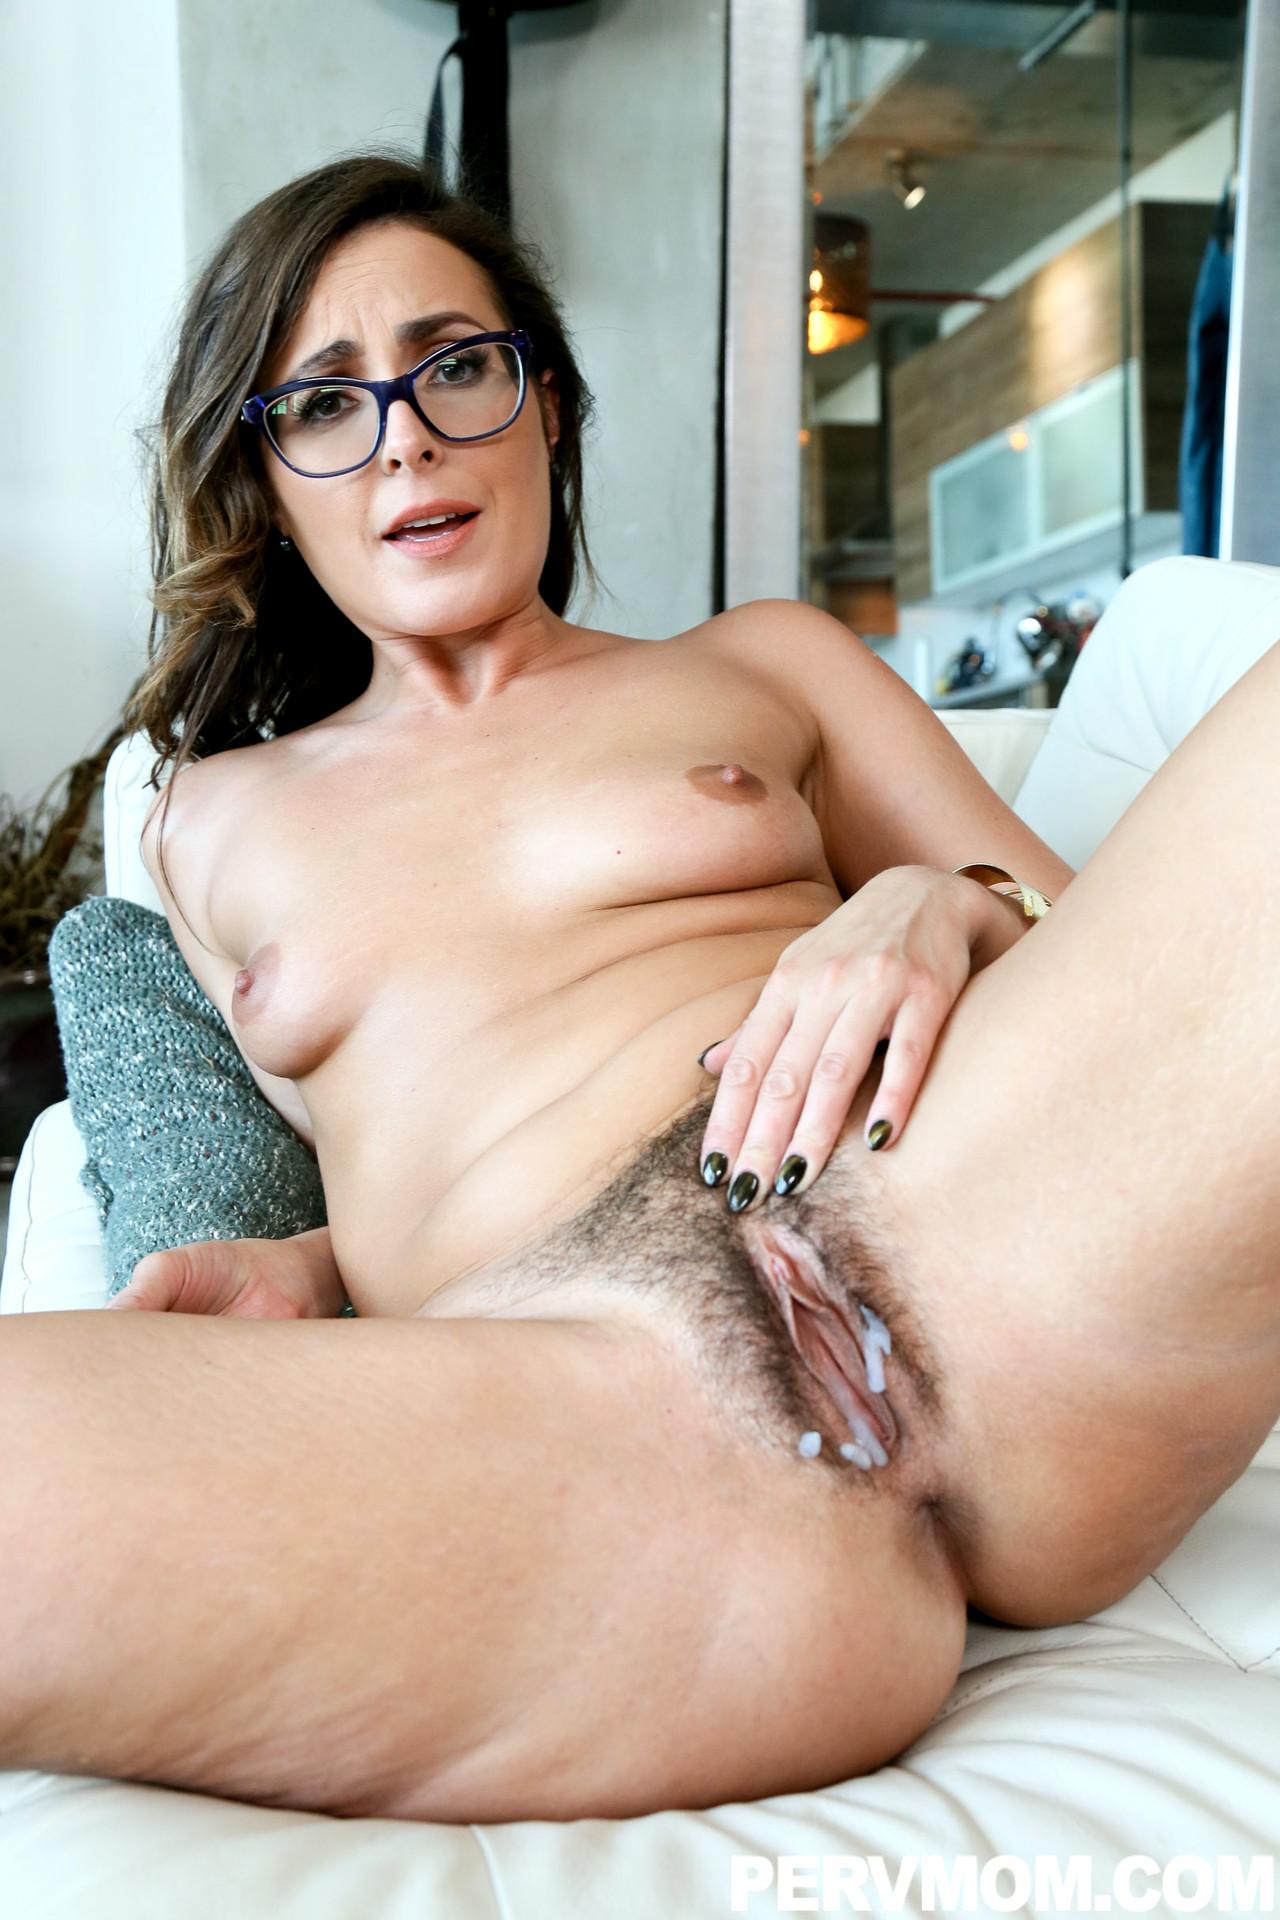 Helena price porn pics